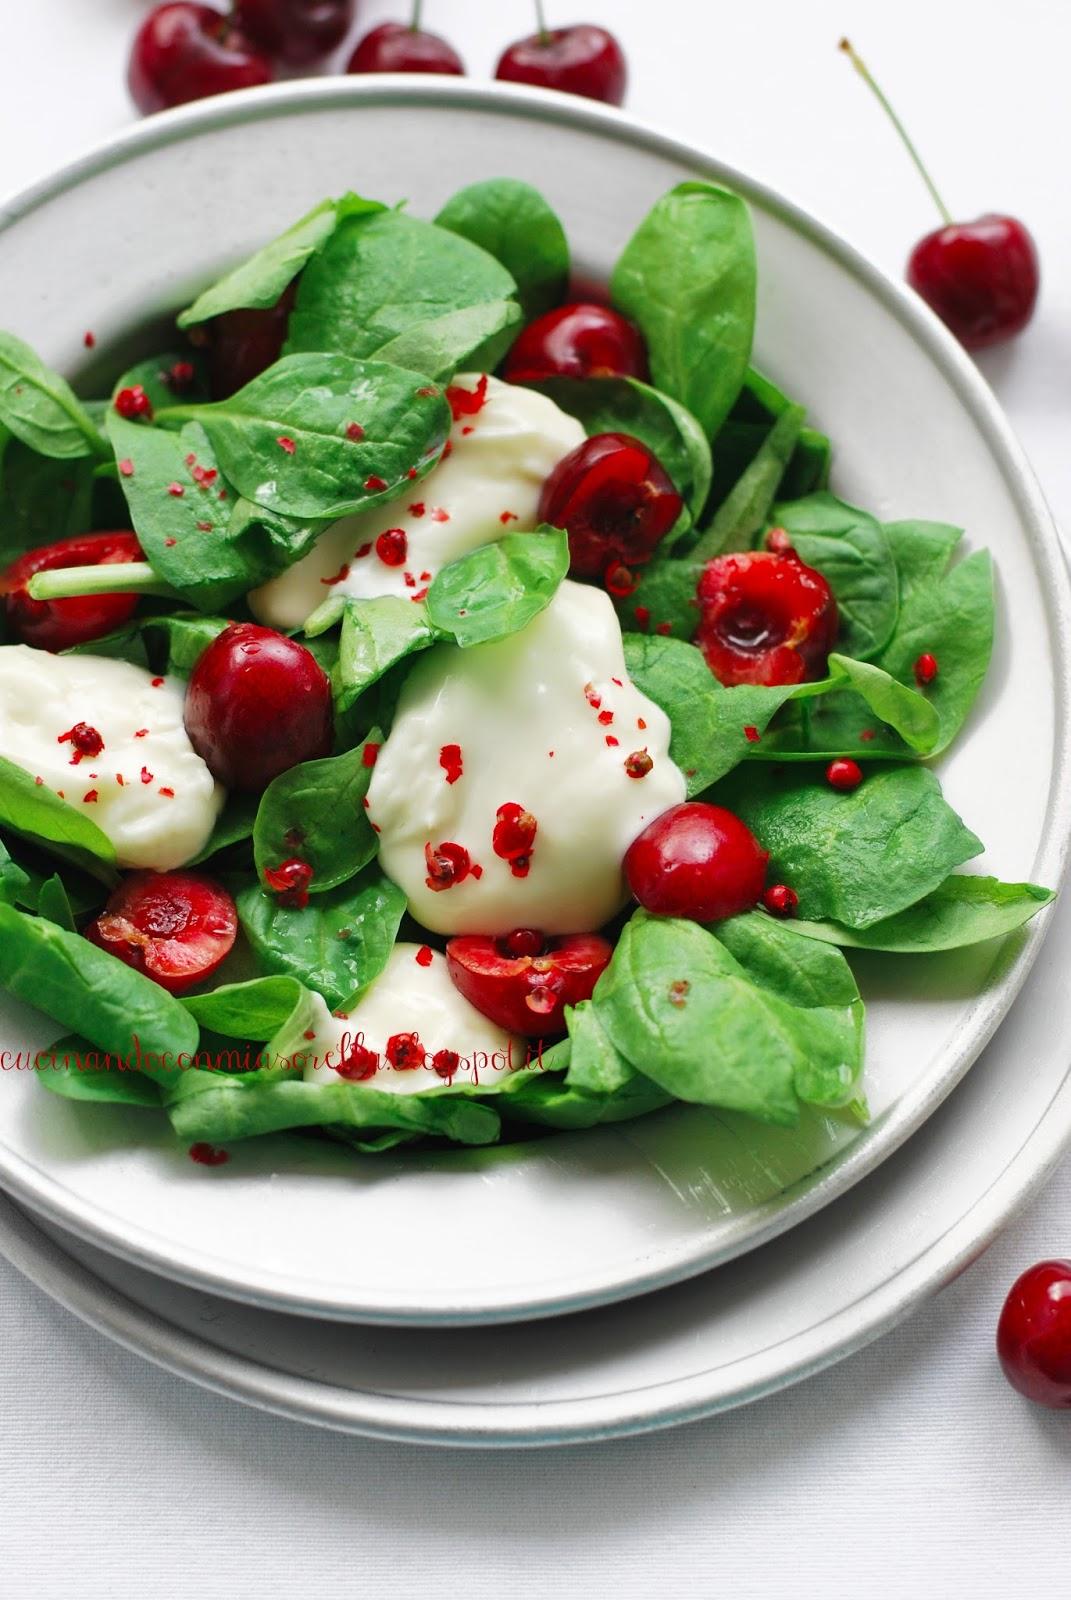 186. Insalata di spinacino, crescenza, ciliegie e pepe rosa